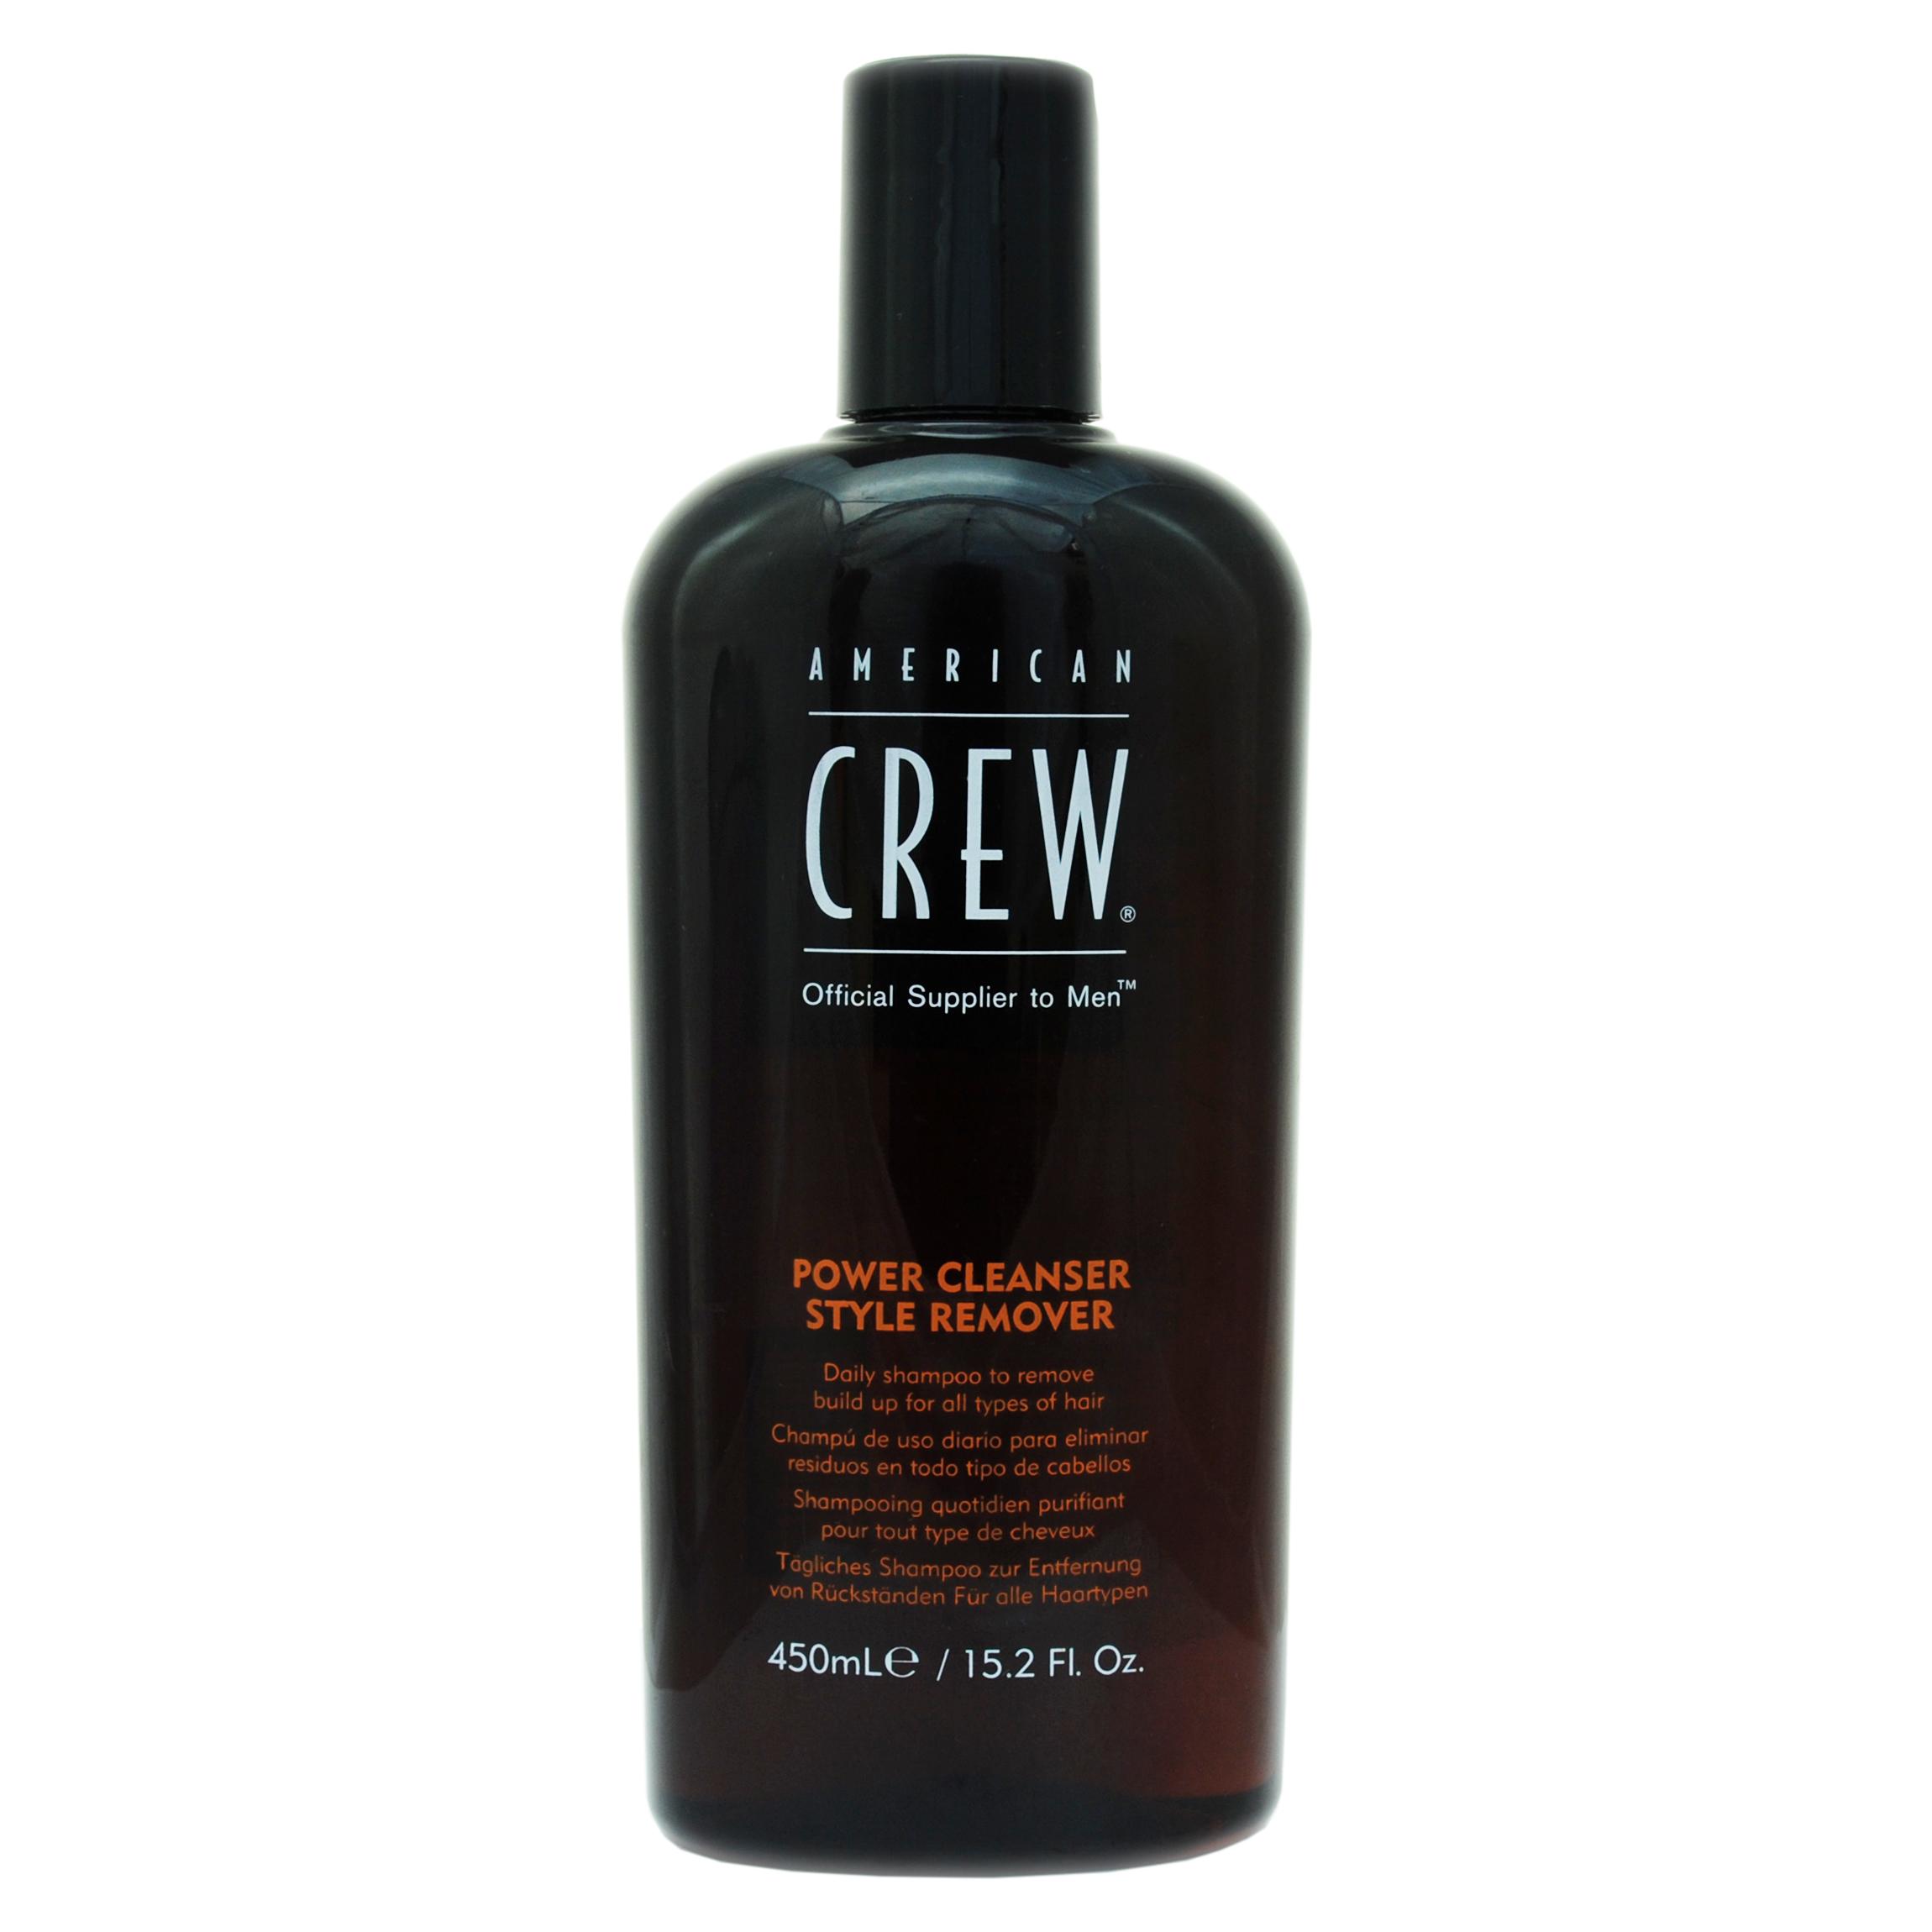 Купить American Crew Шампунь для ежедневного ухода, очищающий волосы от укладочных средств 450 мл (American Crew, Hair & Body Care)